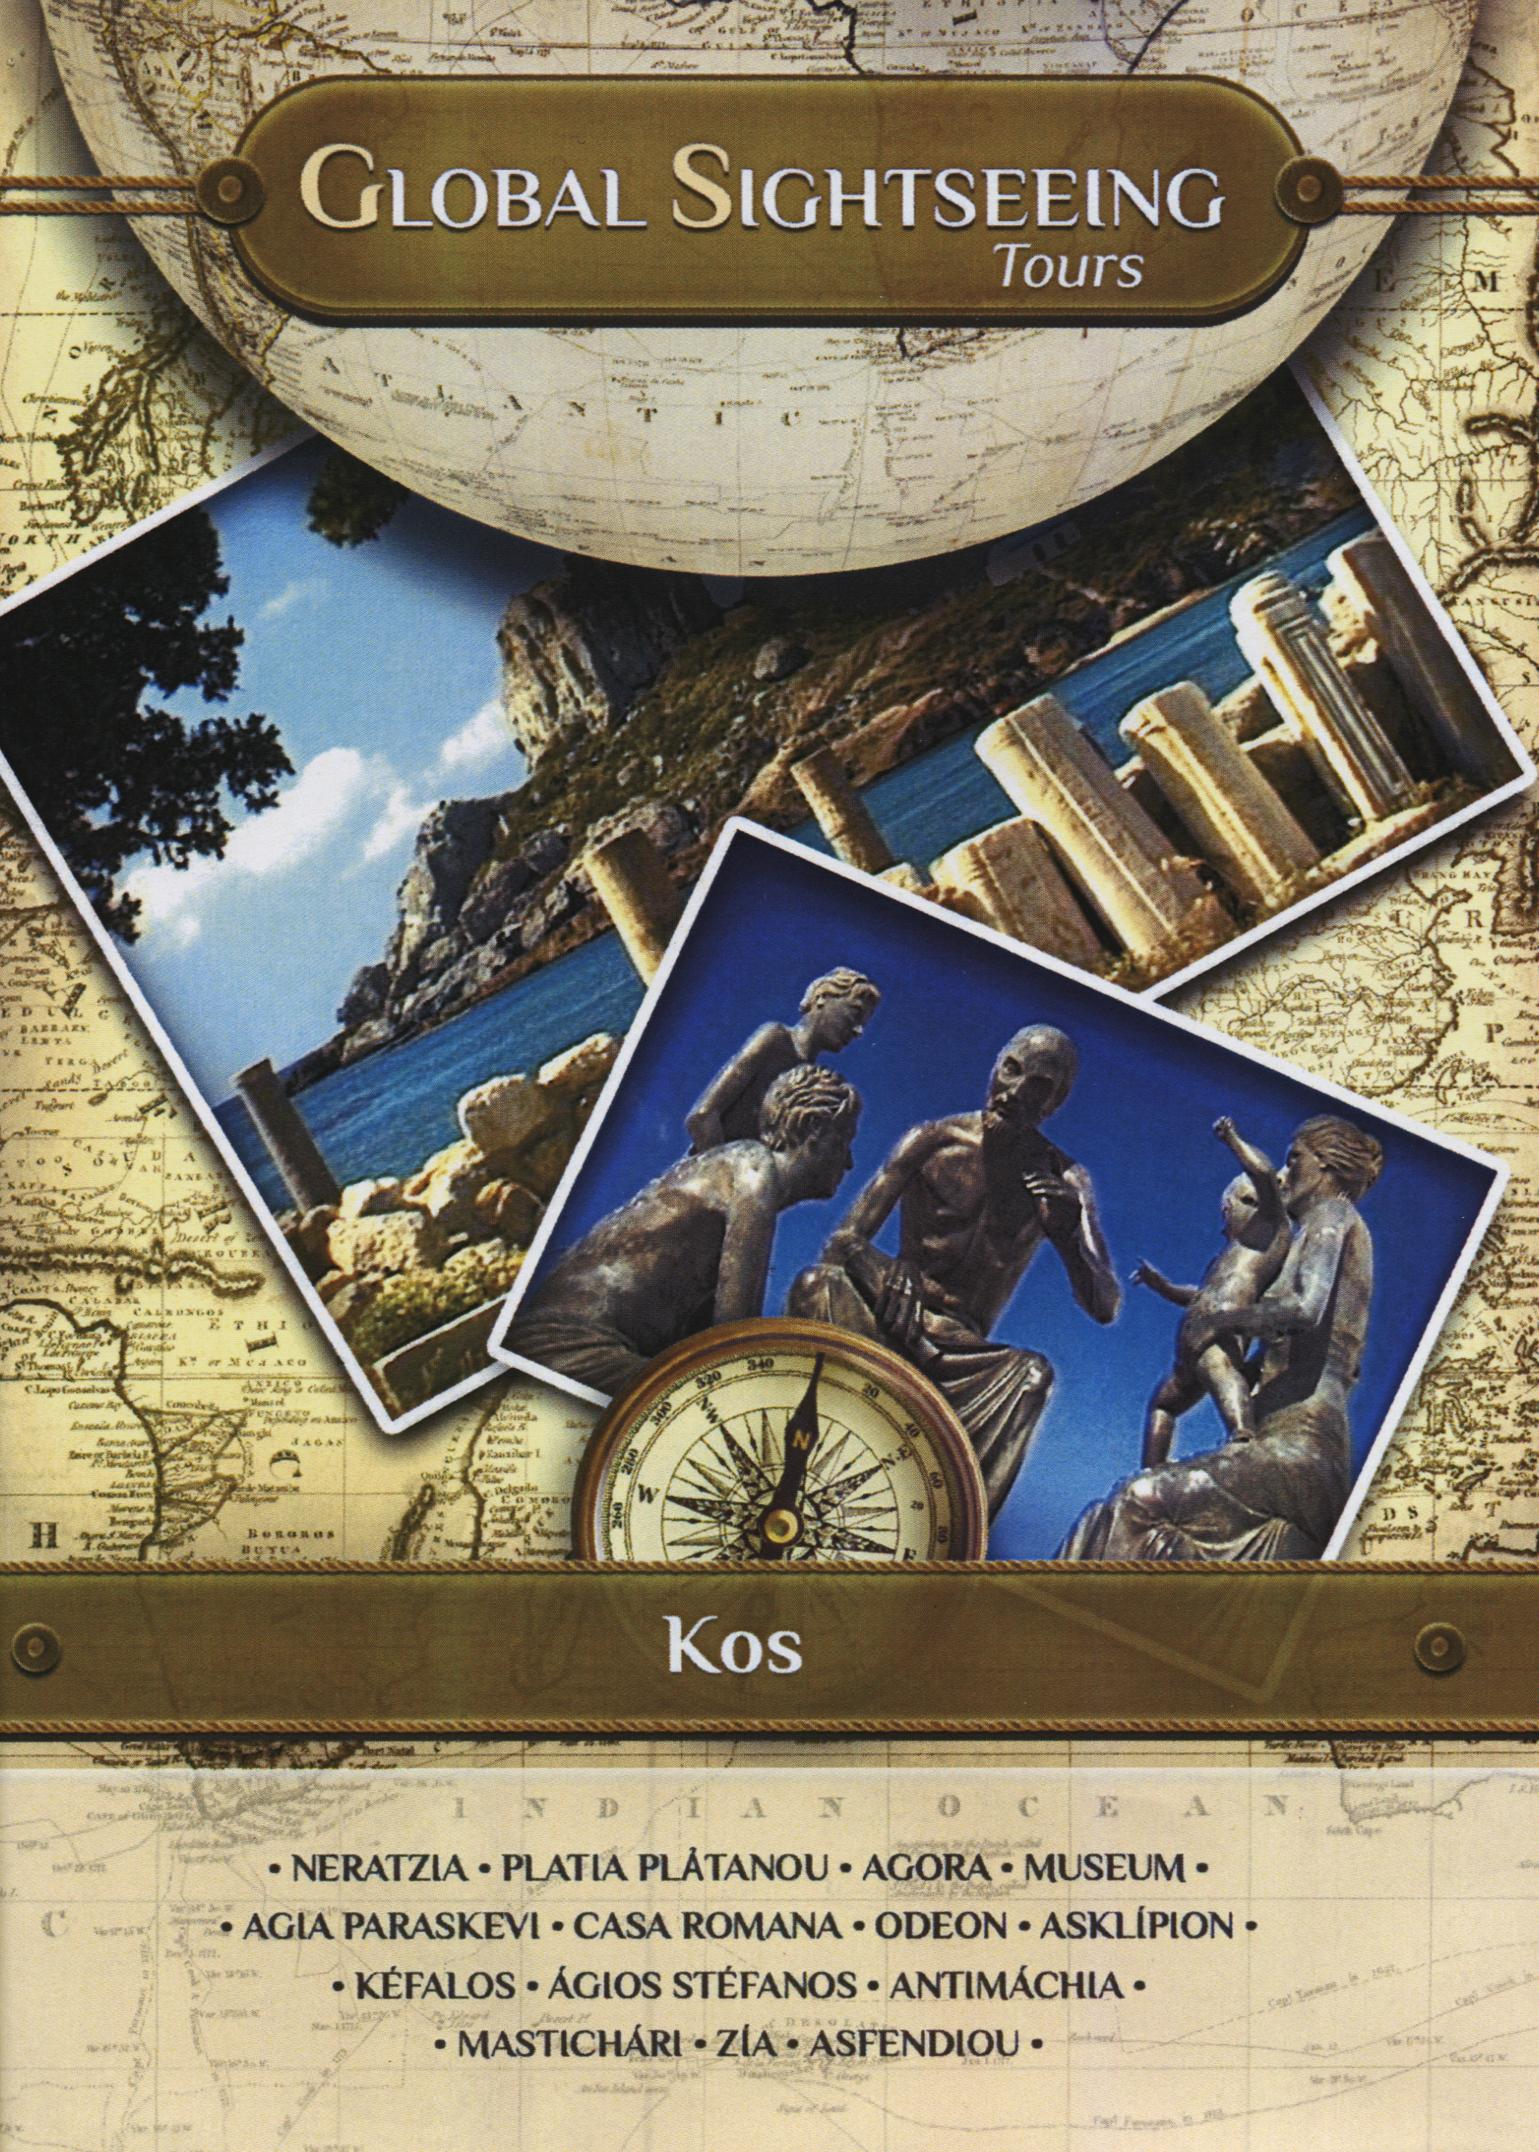 Global Sightseeing Tours: Kos